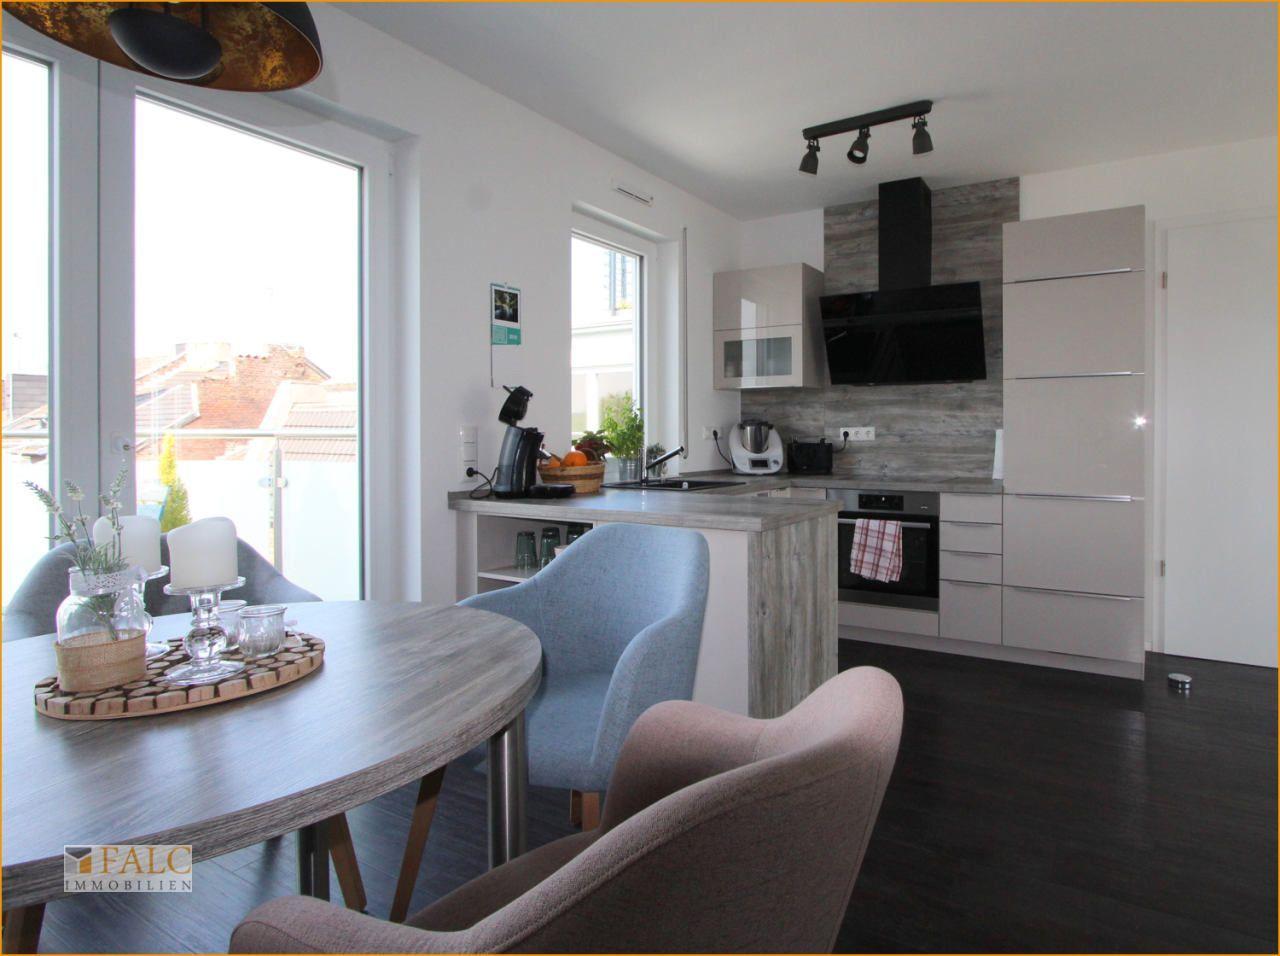 Immobilie Des Tages Des Falcimmobilien Immobilie Tages In 2020 Wohnung Mieten Wohnung Immobilien